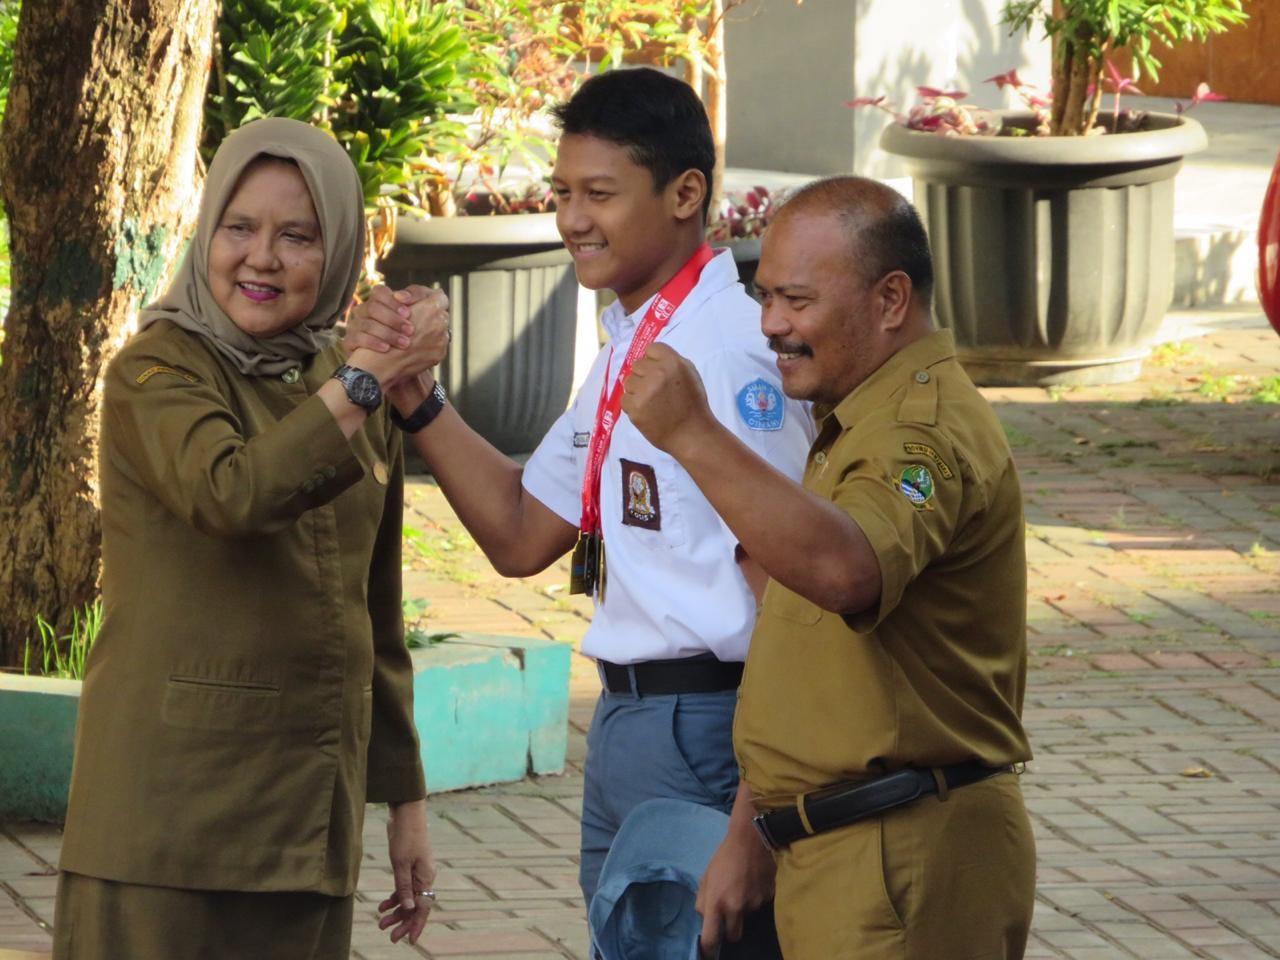 Rifky Rona Rosyada, Juara Lomba Renang Kejuaraan Wali Kota Cup